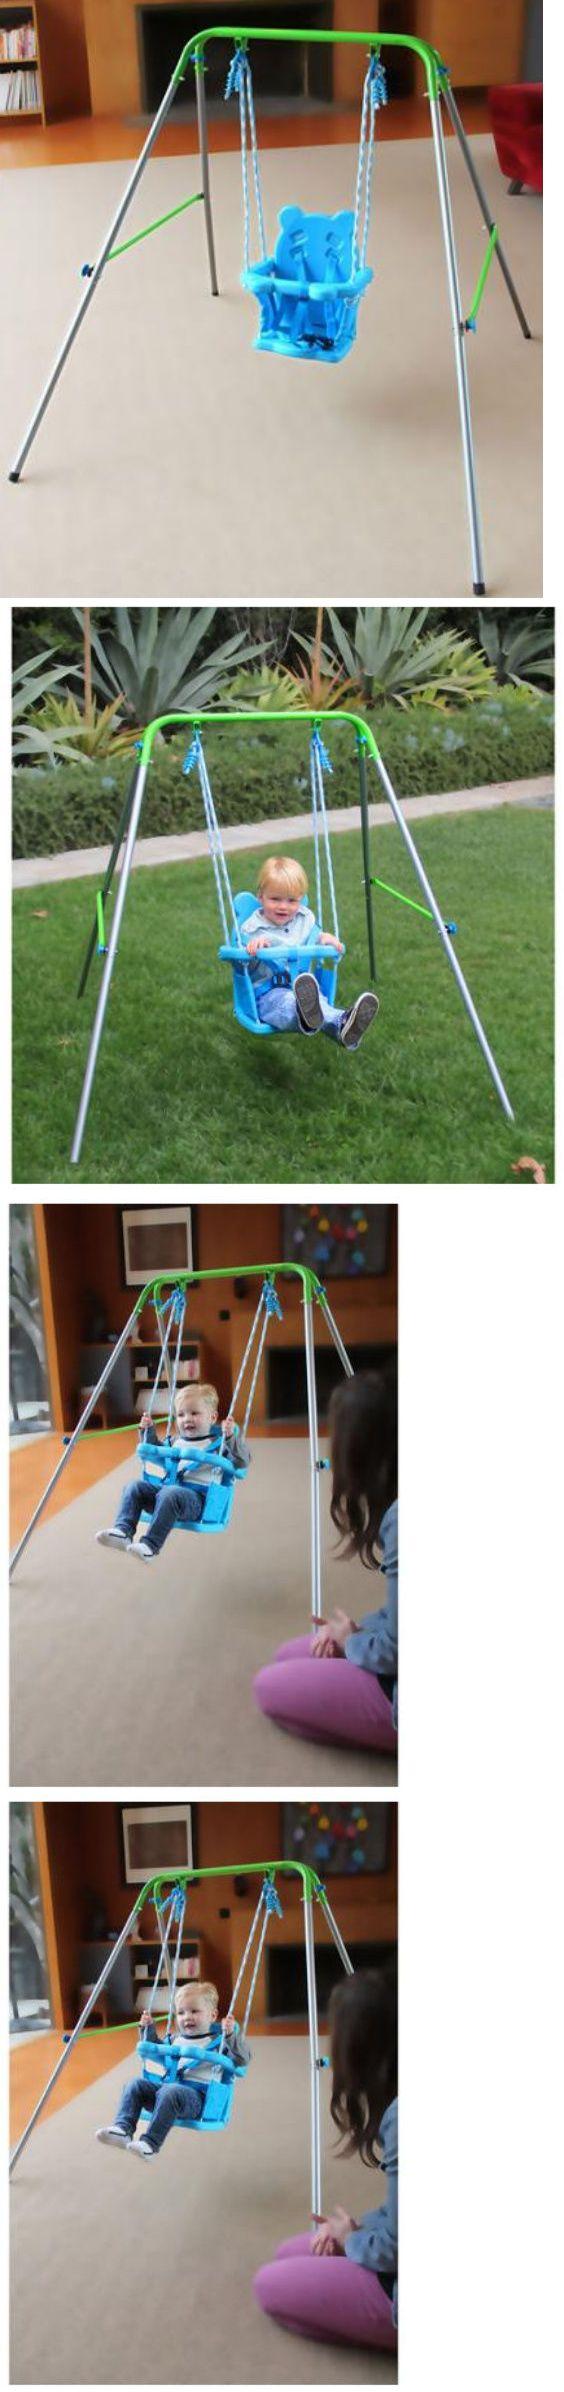 Baby Swings 2990 Indoor Outdoor Portable Baby Toddler Swing Set Kid